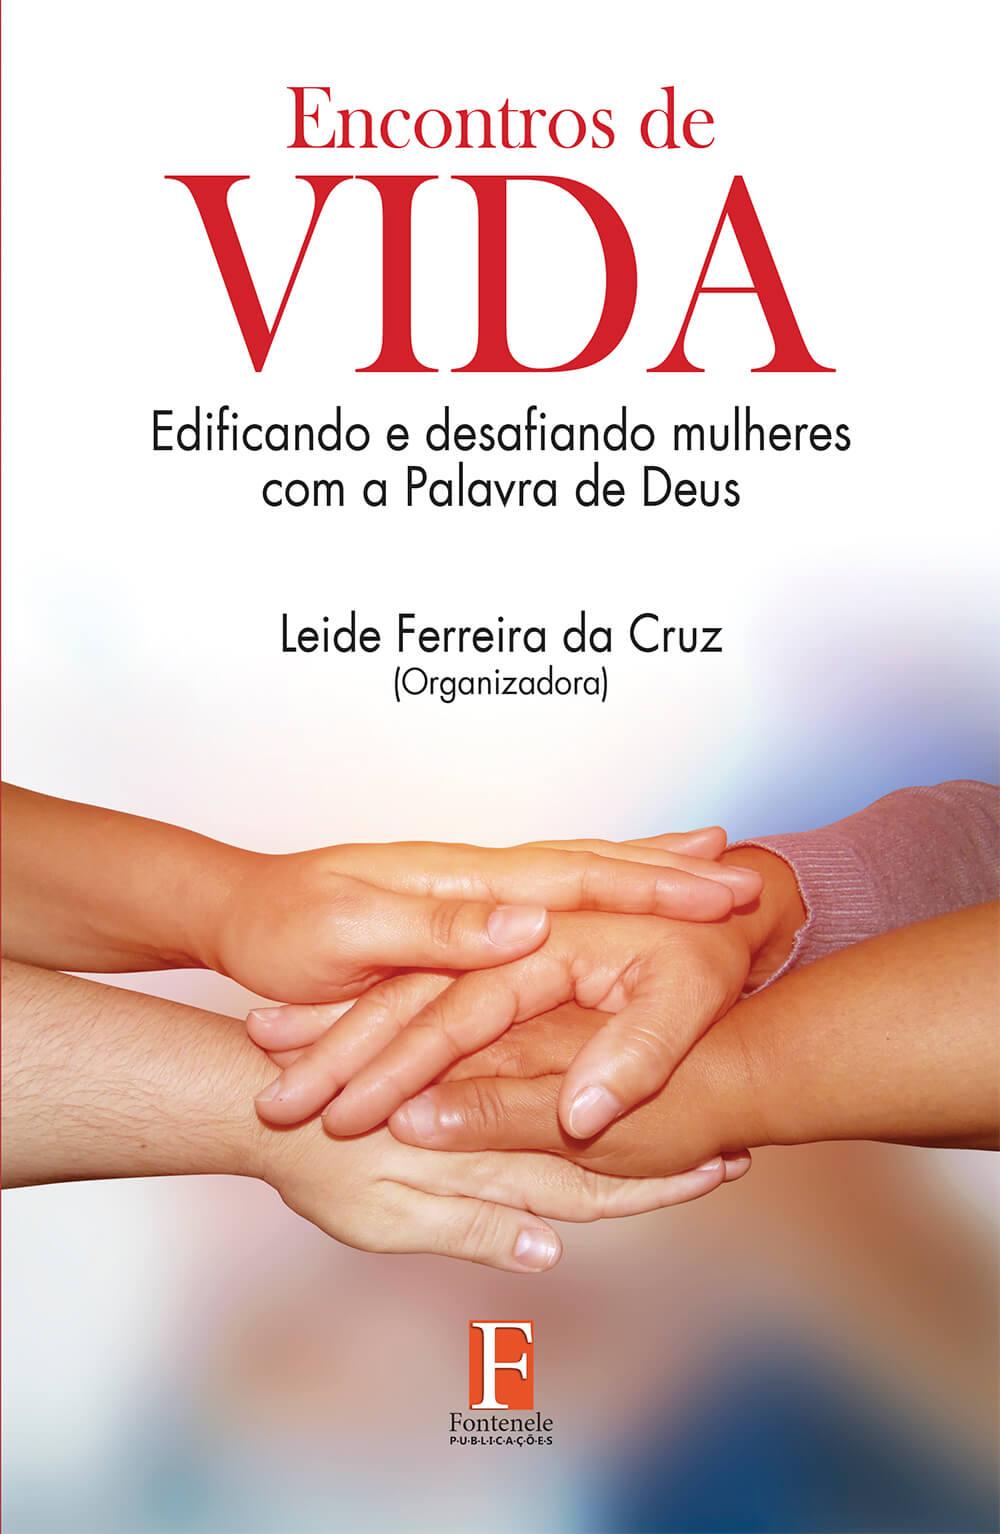 Fontenele Publicações / 11 95150-3481 / 11  95150-4383 Encontros de vida: Edificando e desafiando mulheres com a palavra de Deus